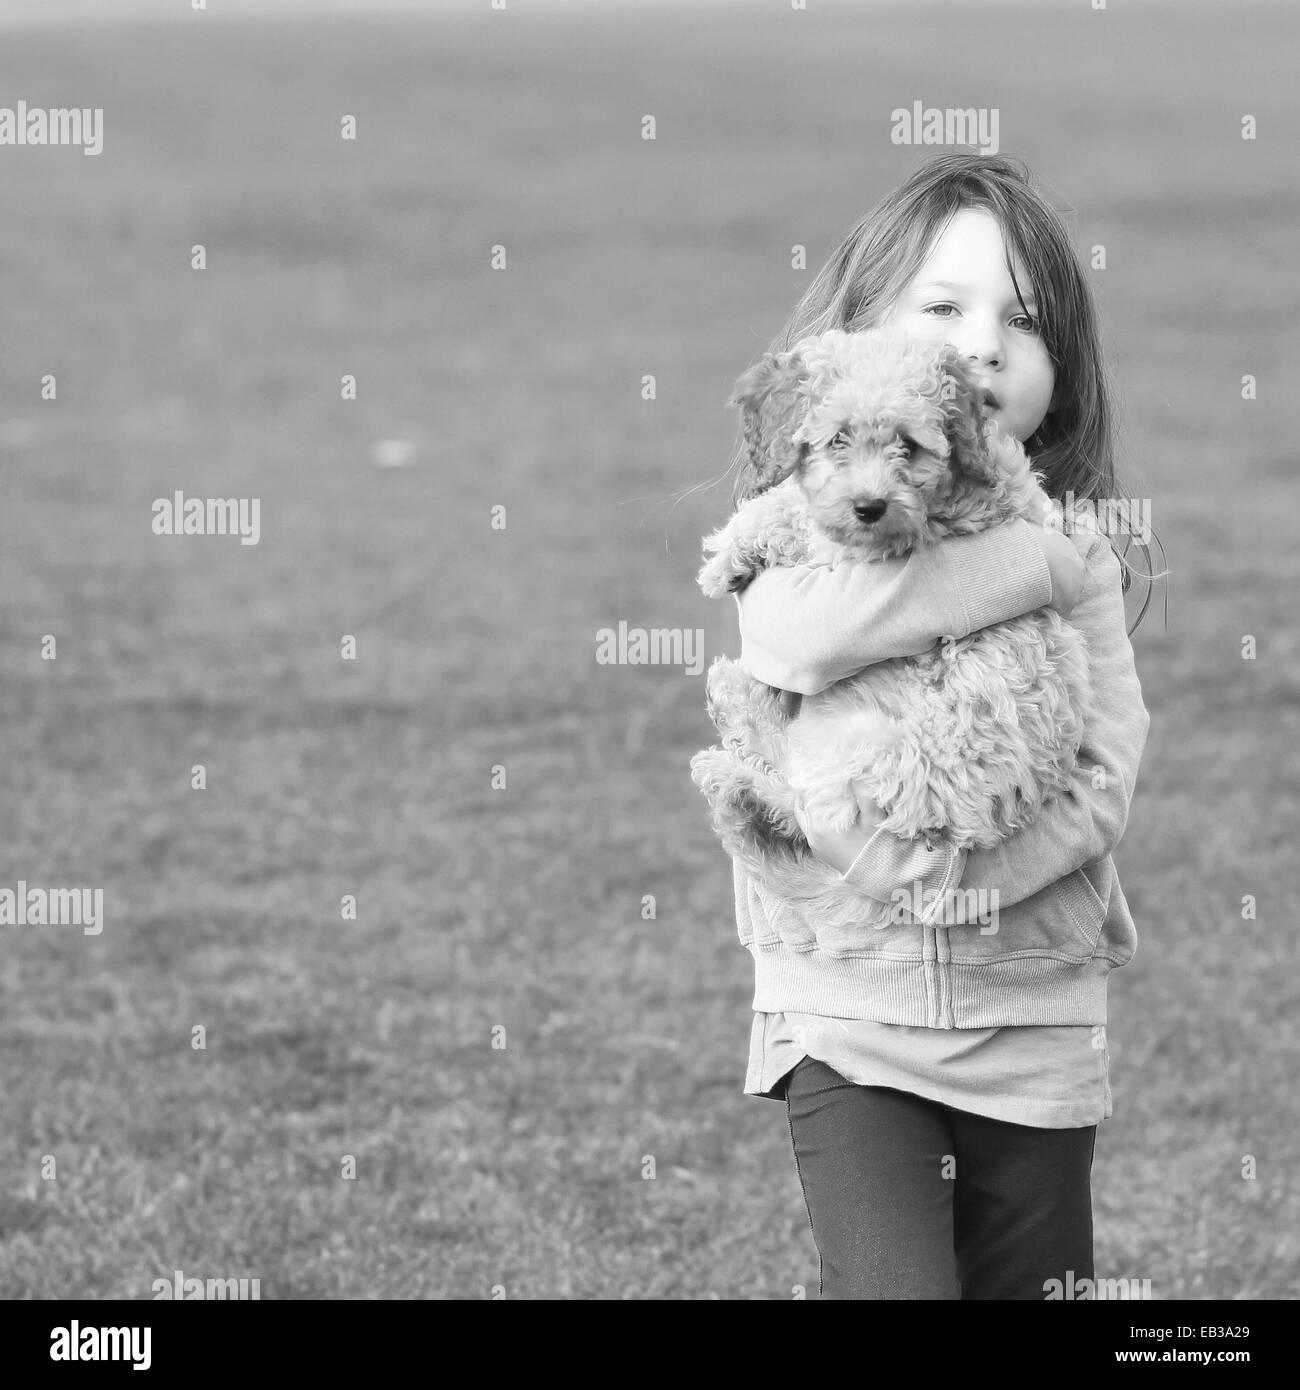 Ragazza che trasportano cucciolo di cane Immagini Stock